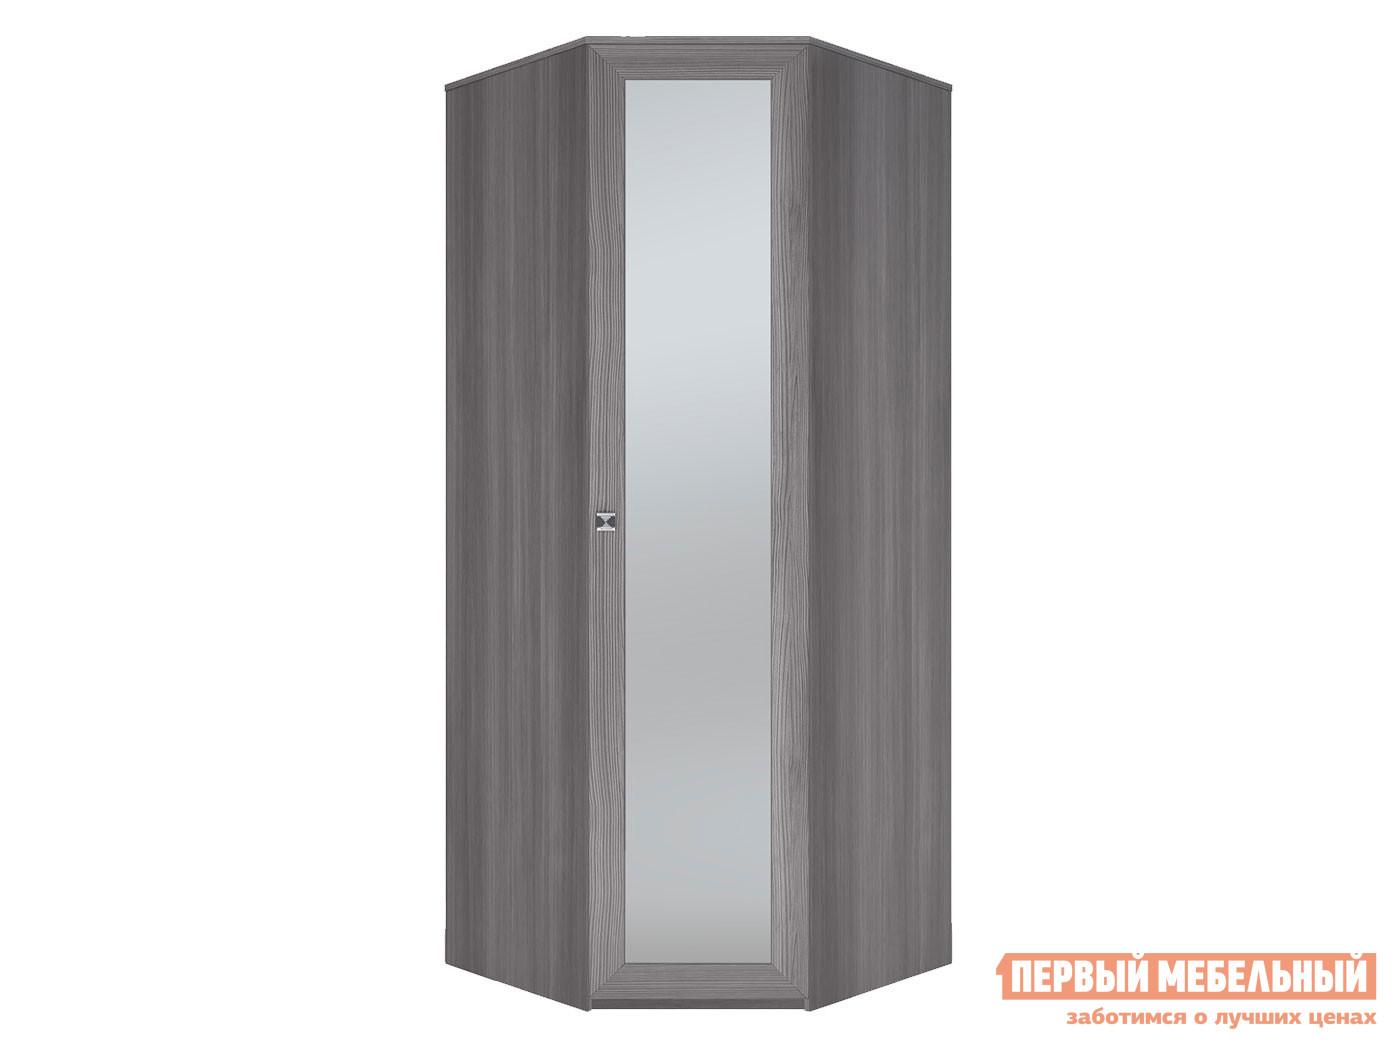 Угловой шкаф Первый Мебельный Шкаф угловой Парма НЕО